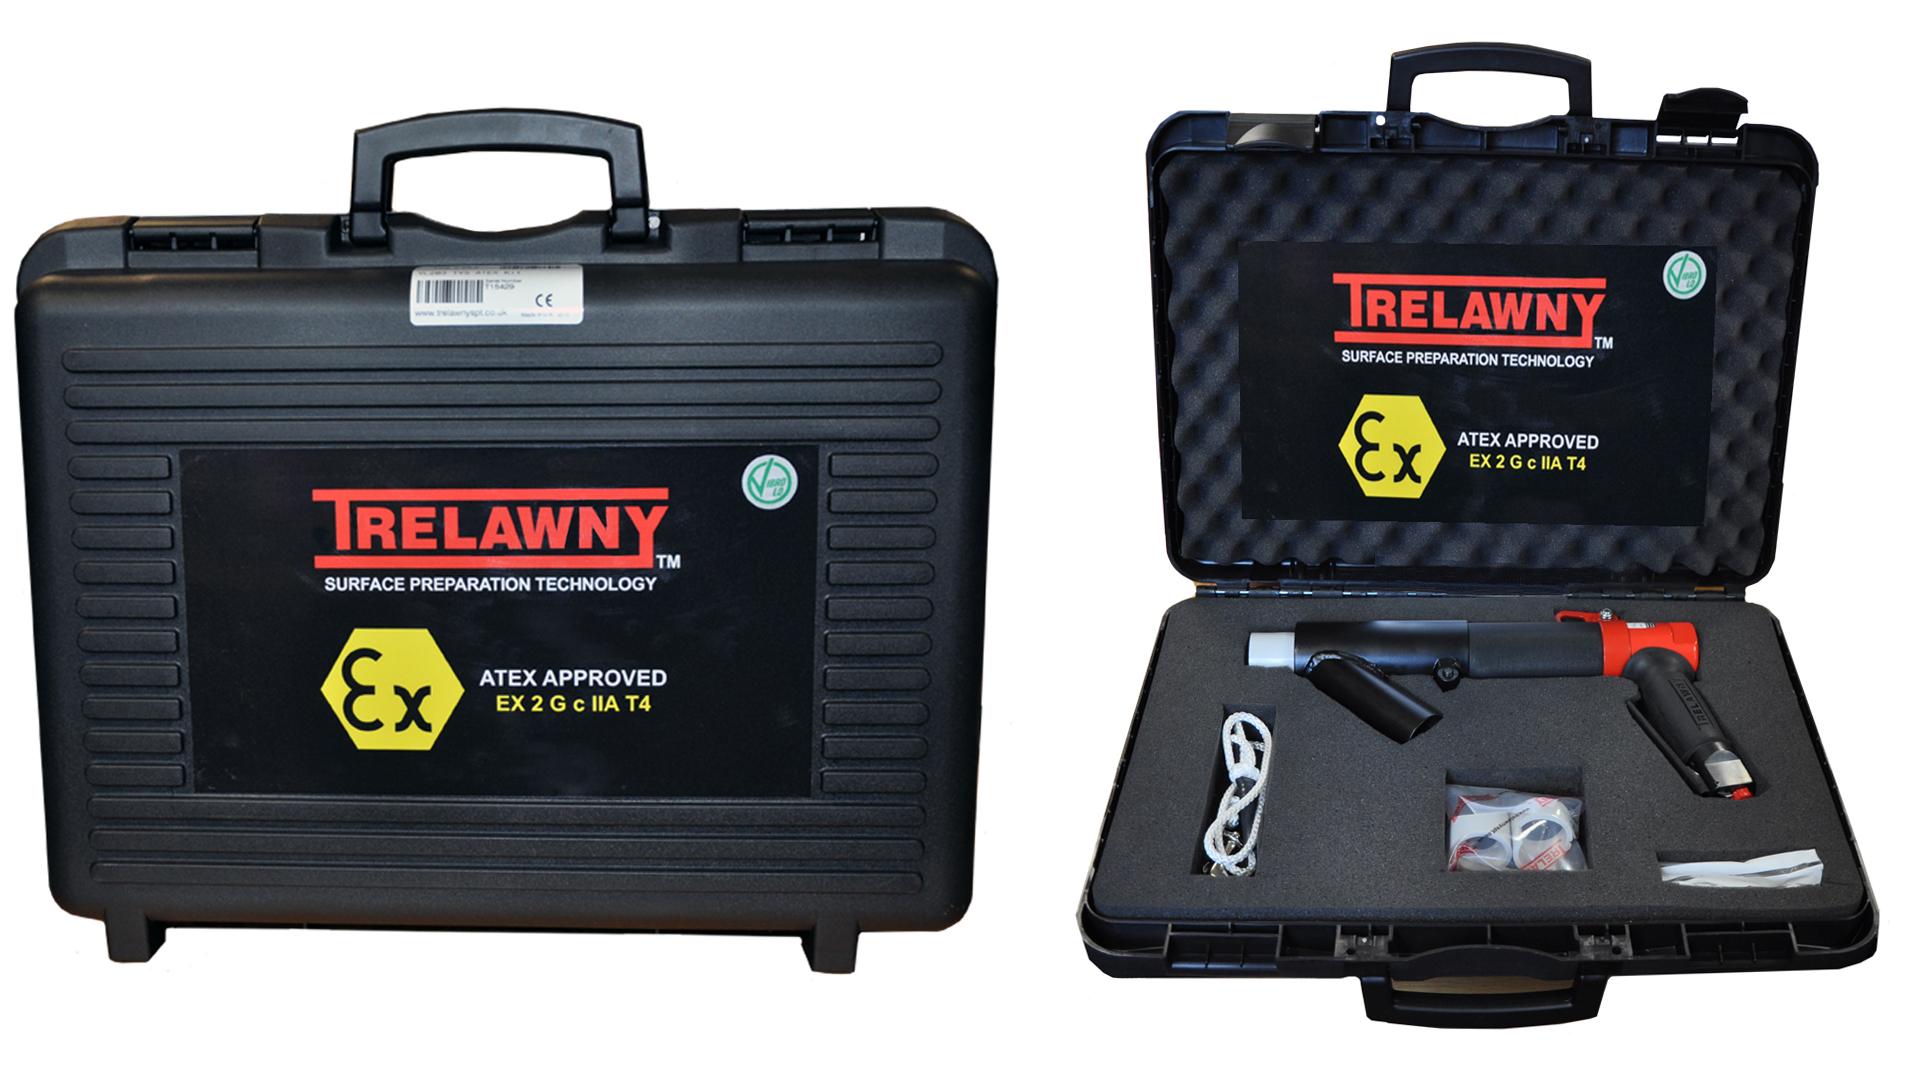 特牢尼技术ATEX防爆认证的针式除锈机套装